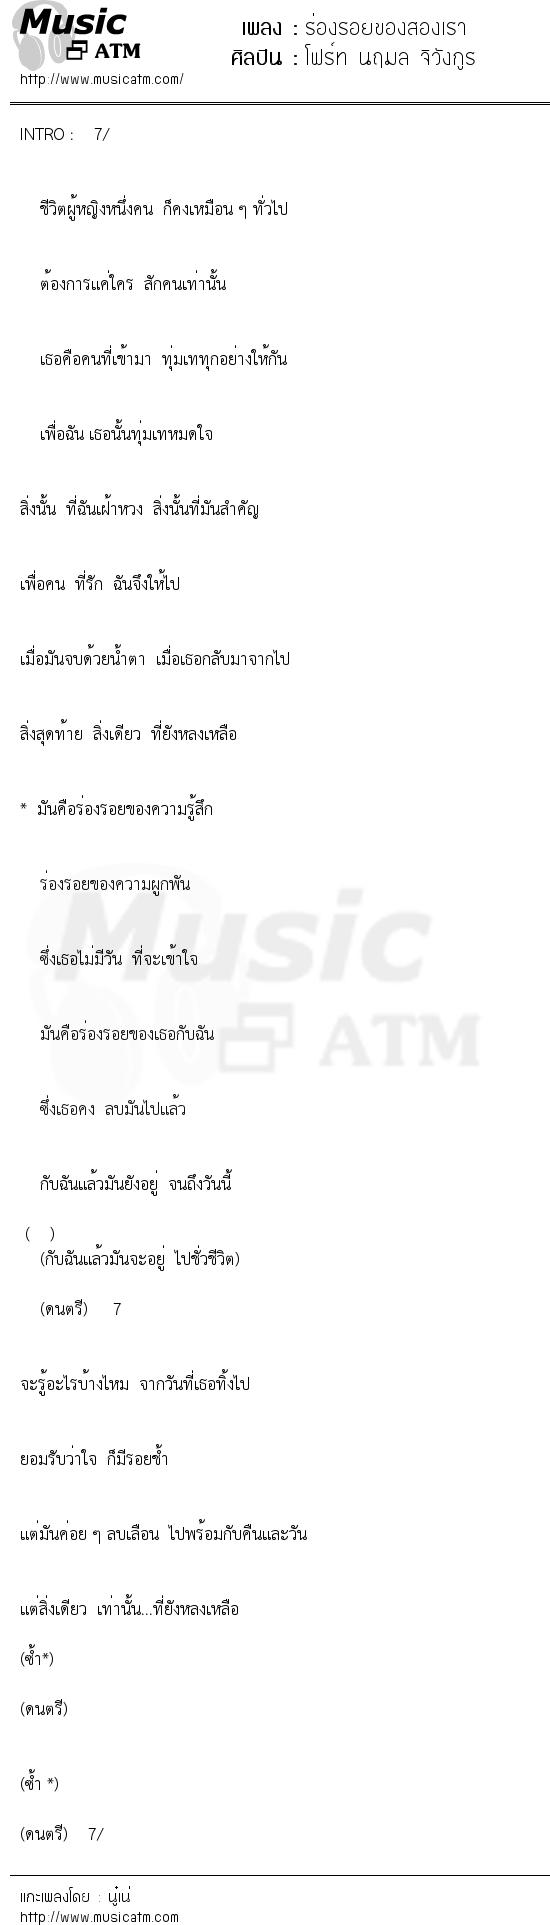 ร่องรอยของสองเรา | เพลงไทย